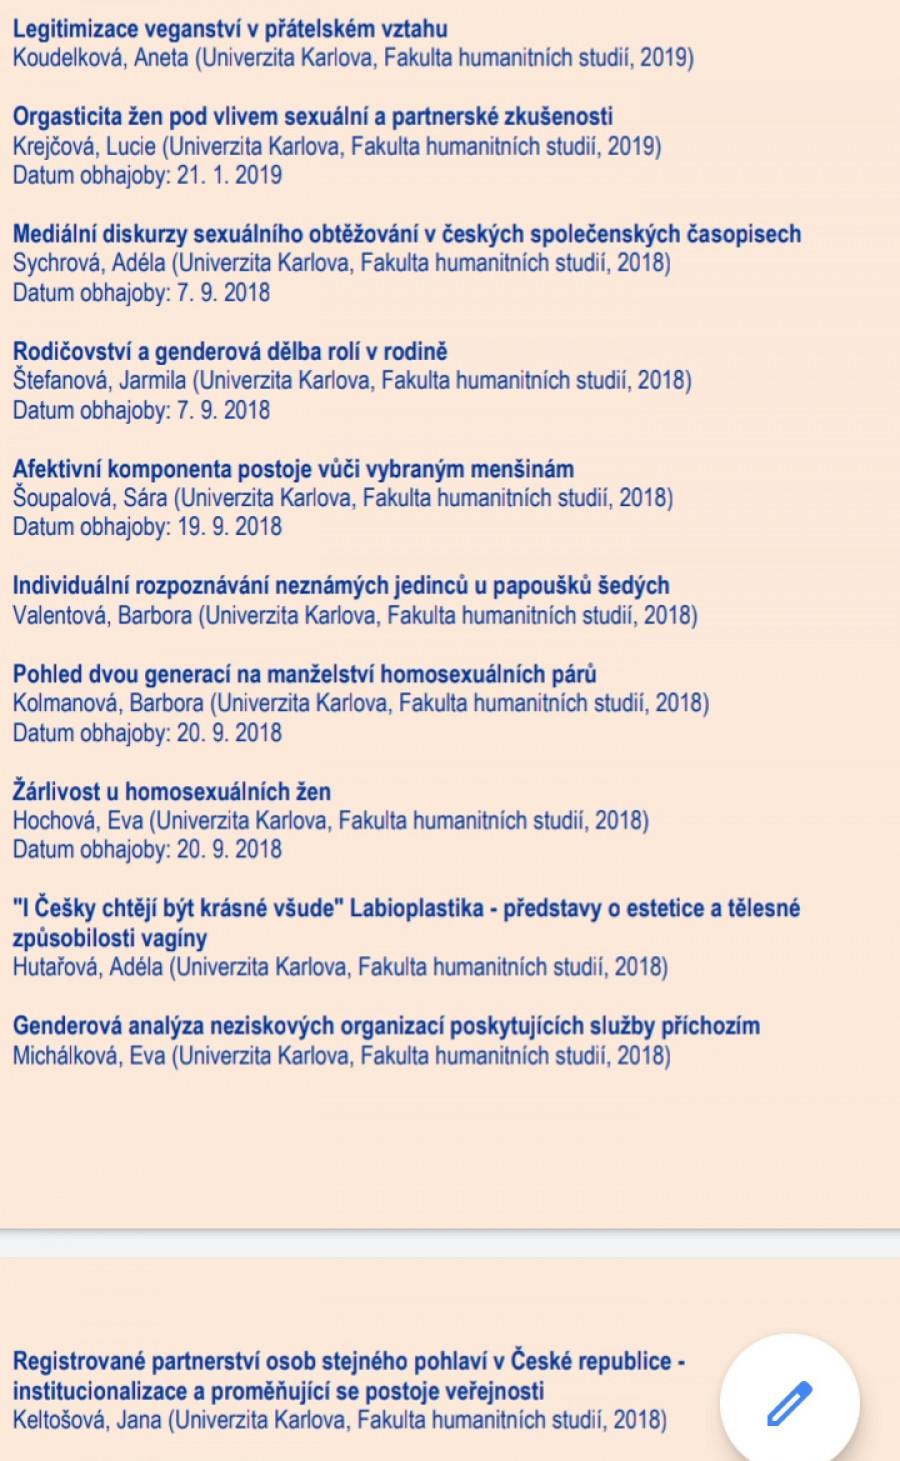 Screenshot e-mailu 2